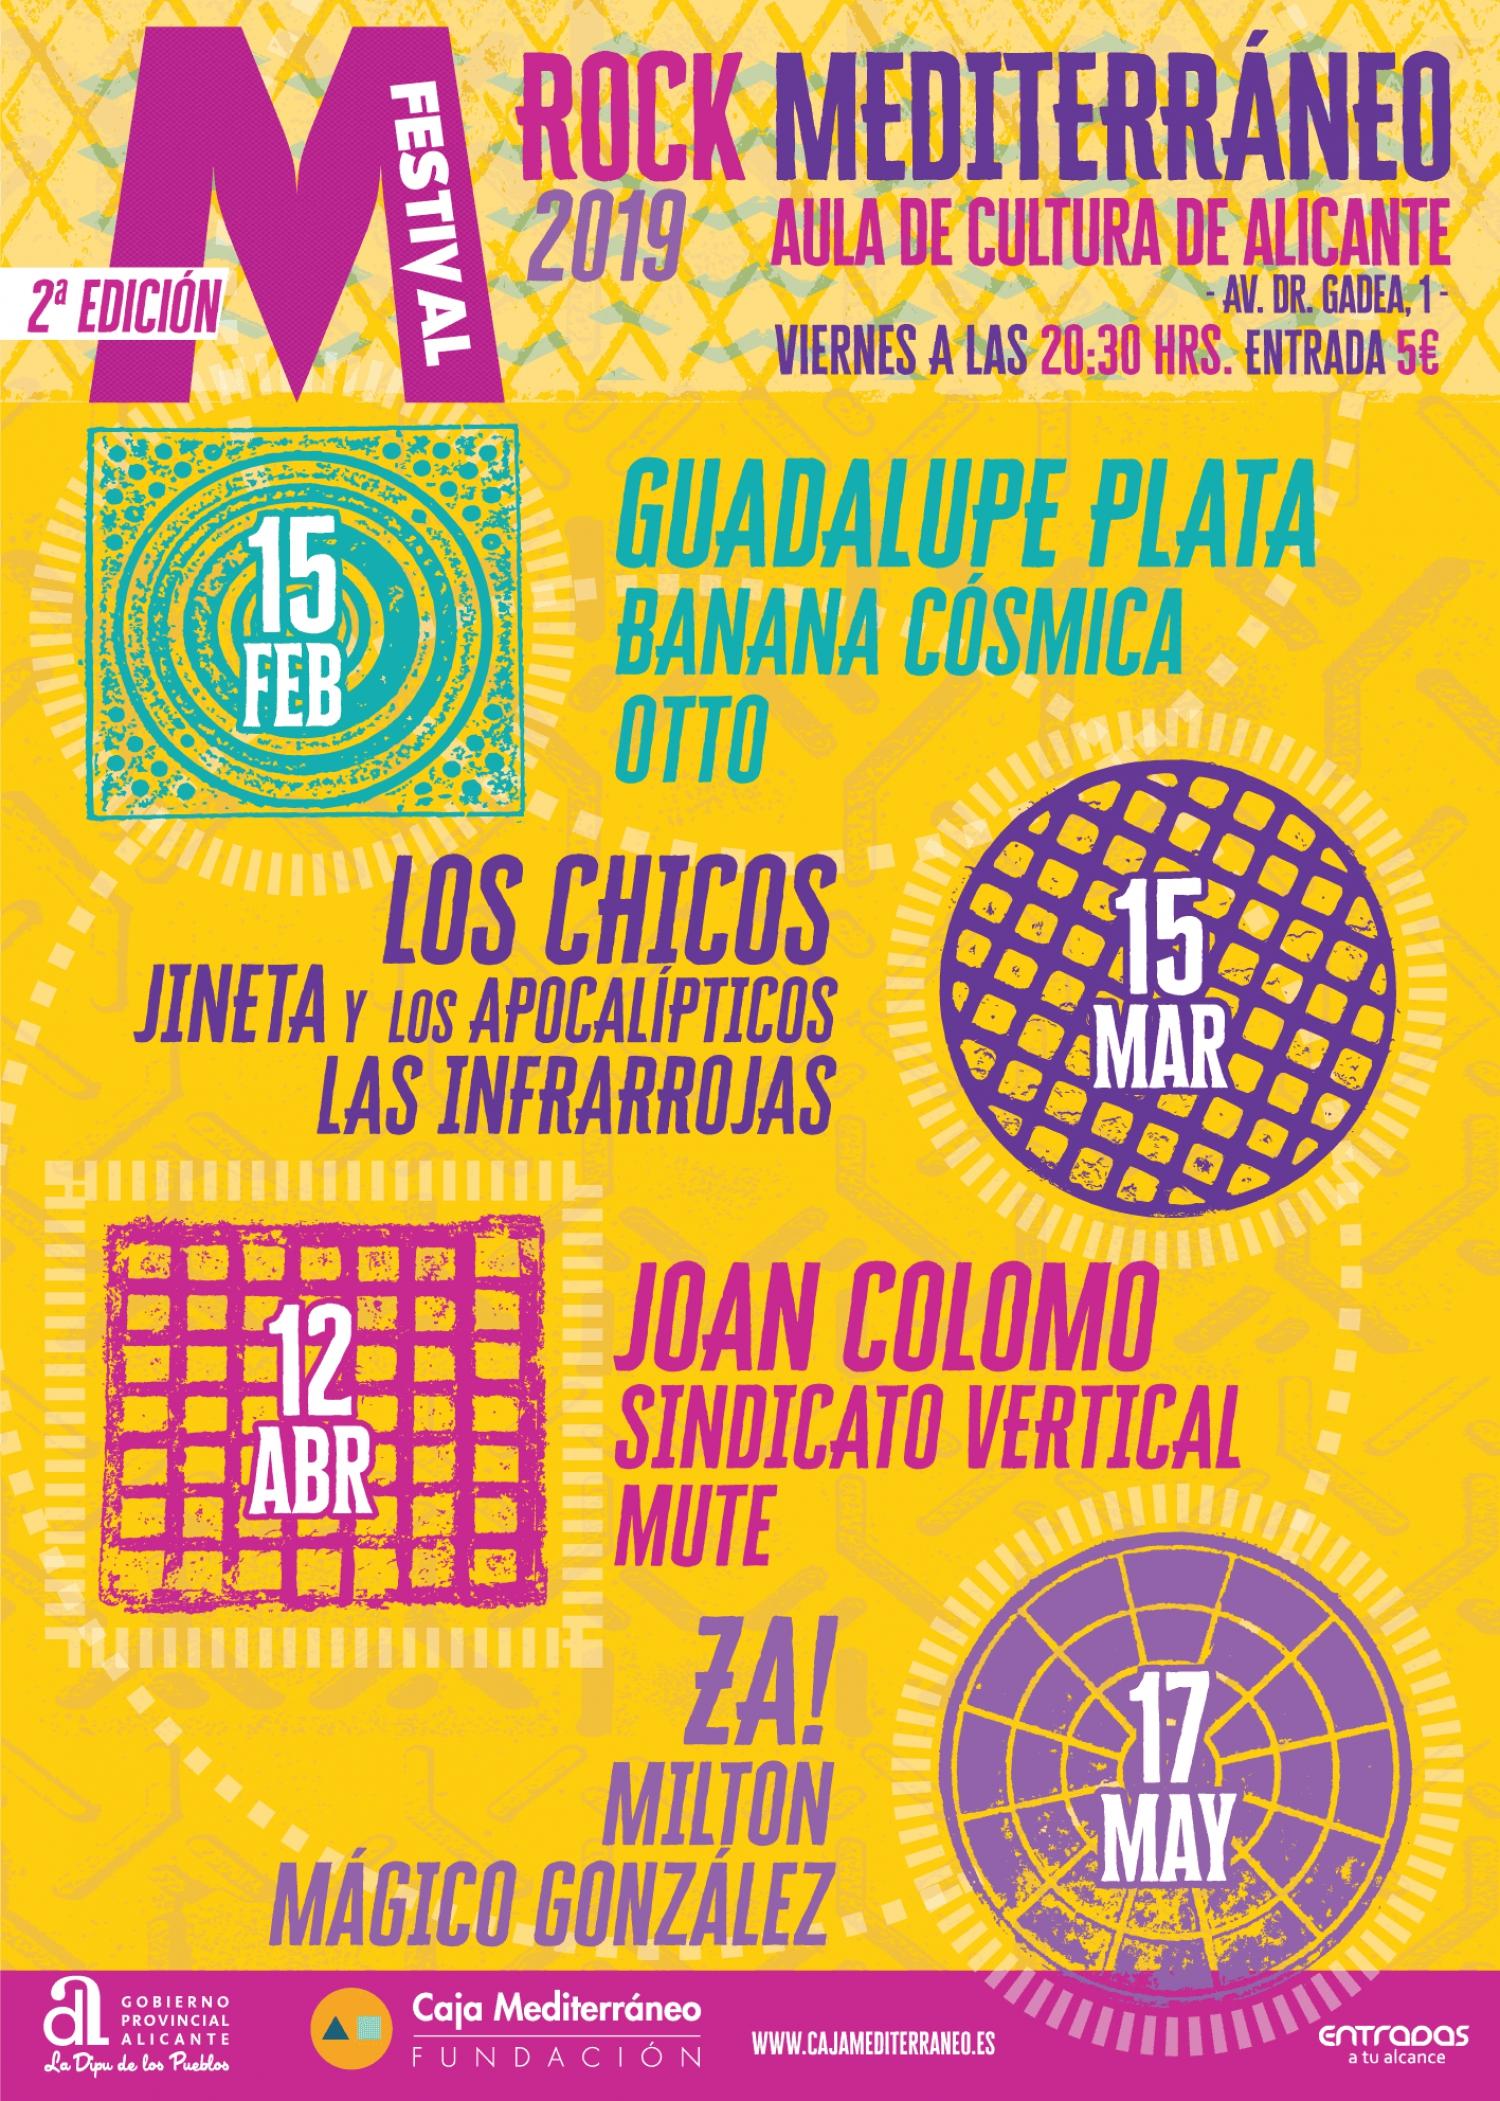 M Festival de Rock Mediterráneo in Alicante